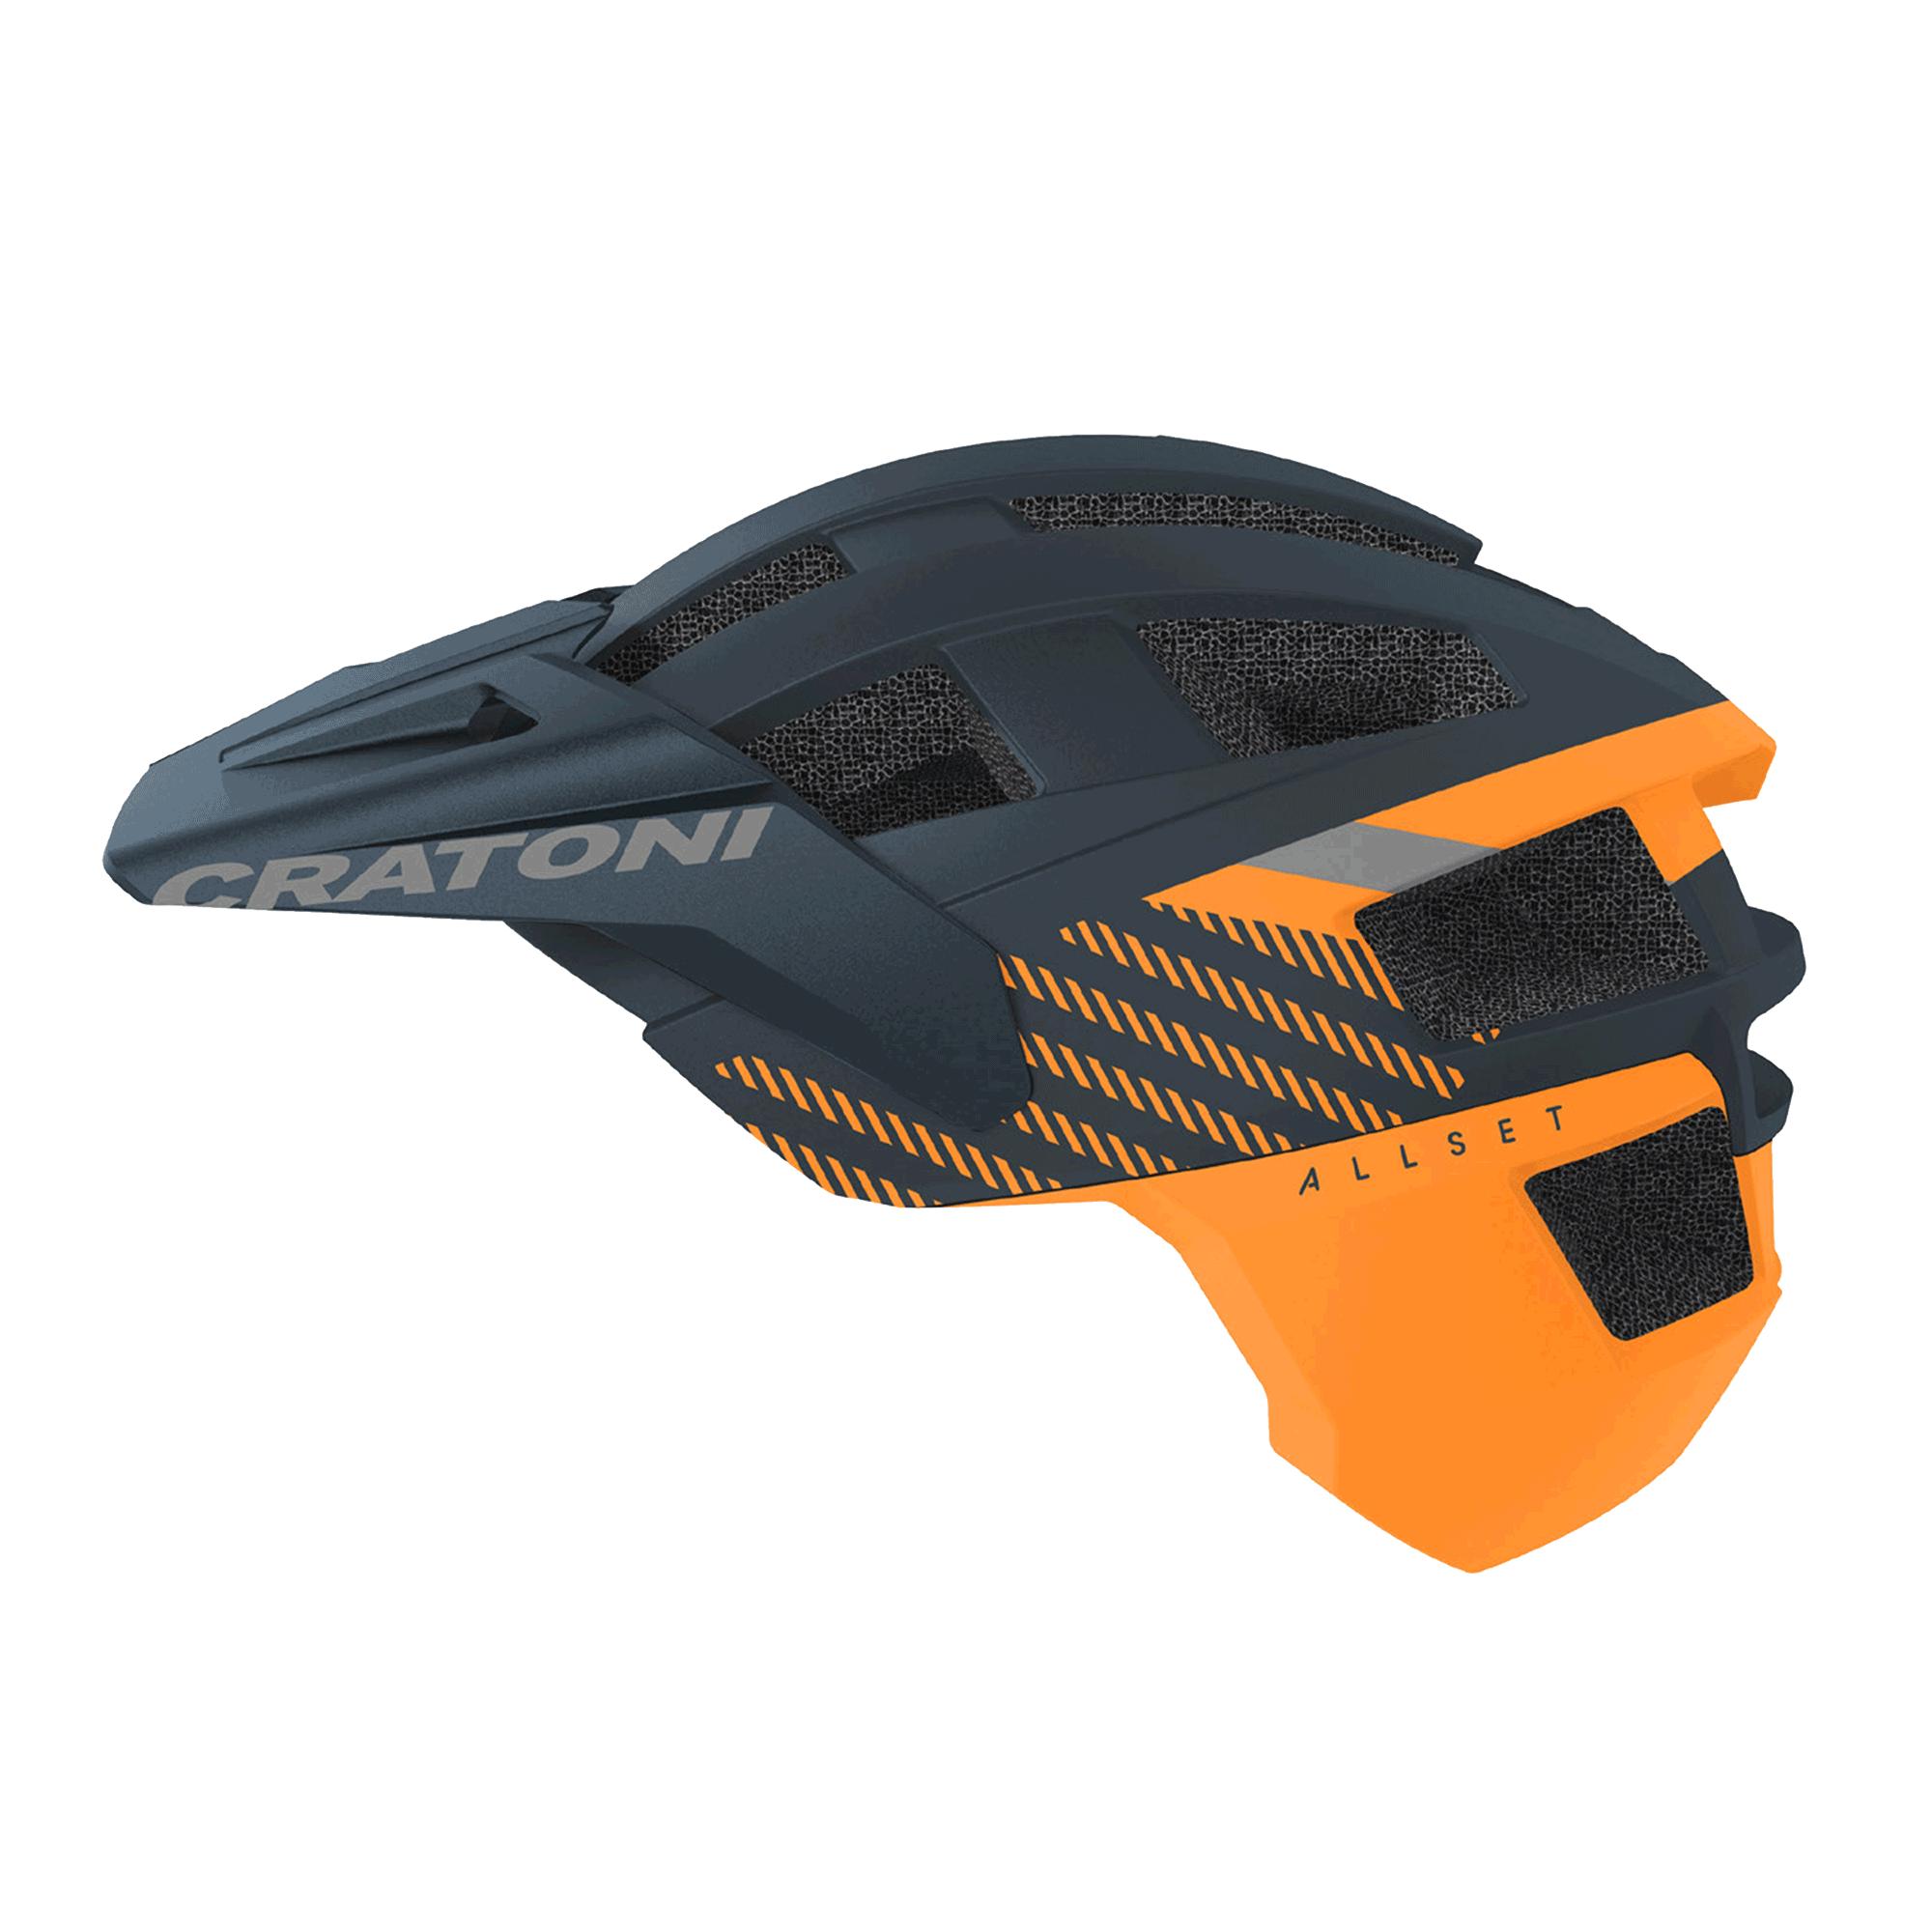 AllSet-Pro Jr. black-orange matt